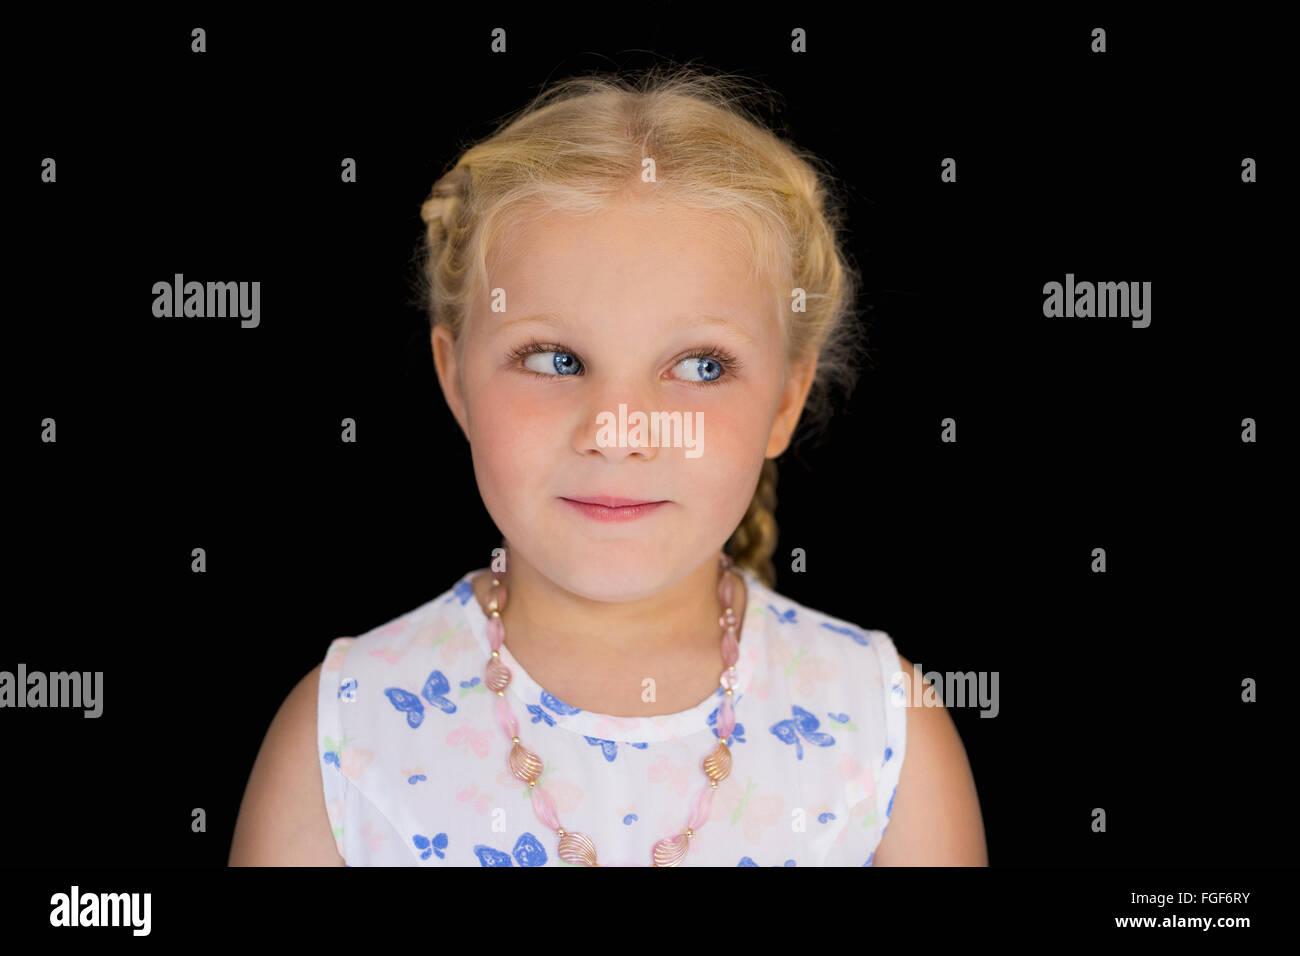 Ritratto di una giovane ragazza con i capelli biondi, sorridente Immagini Stock